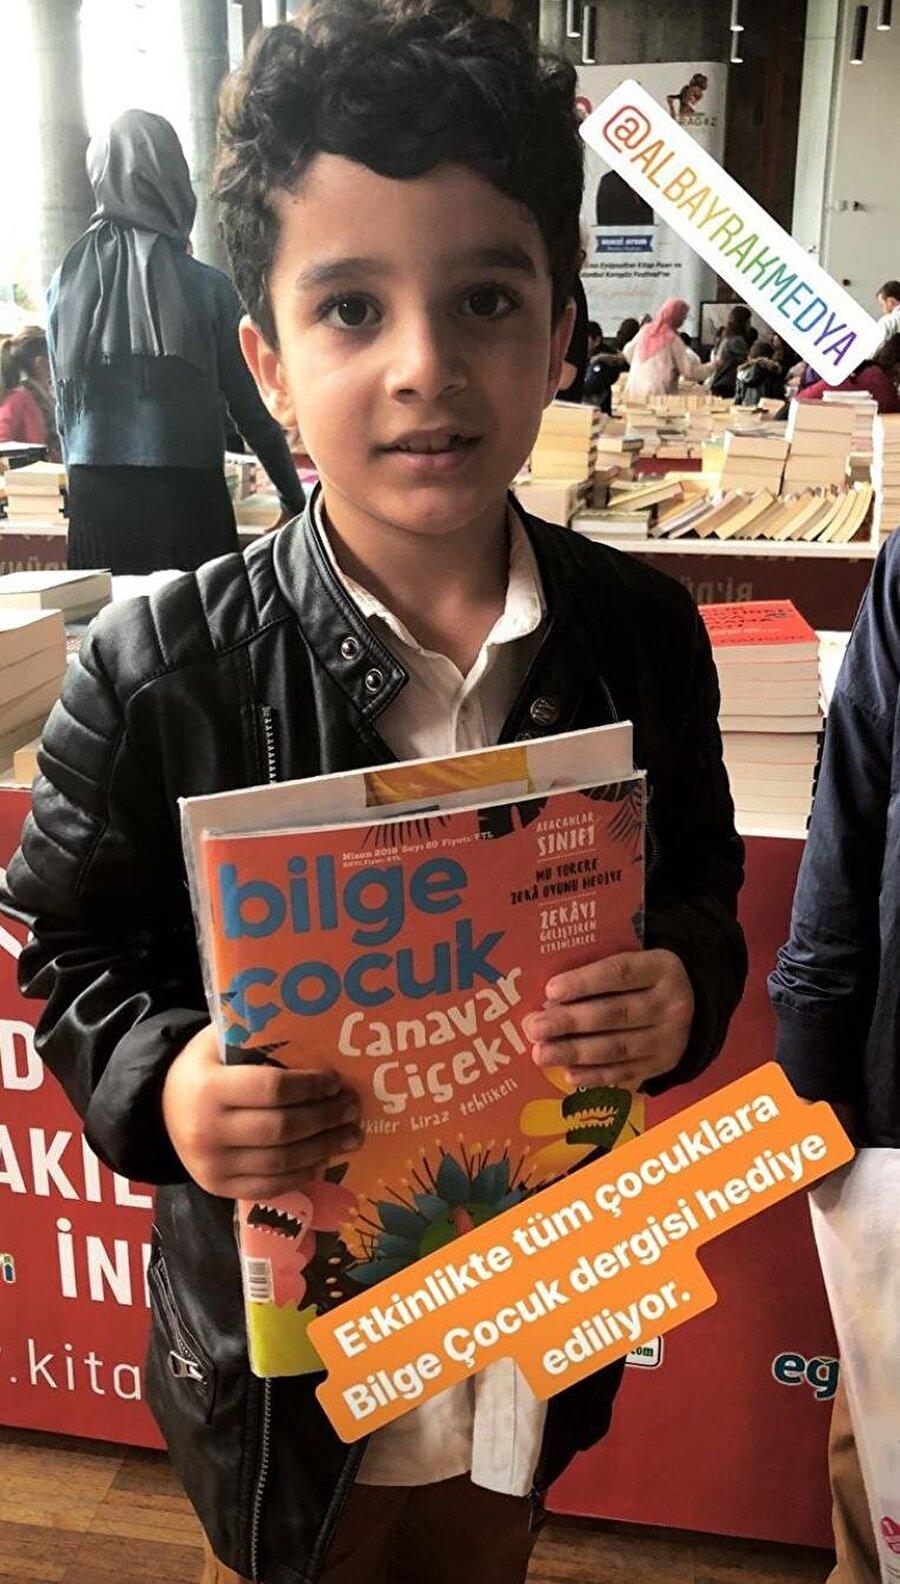 Bilge Çocuk dergisi, ücretsiz olarak çocuklara dağıtıldı